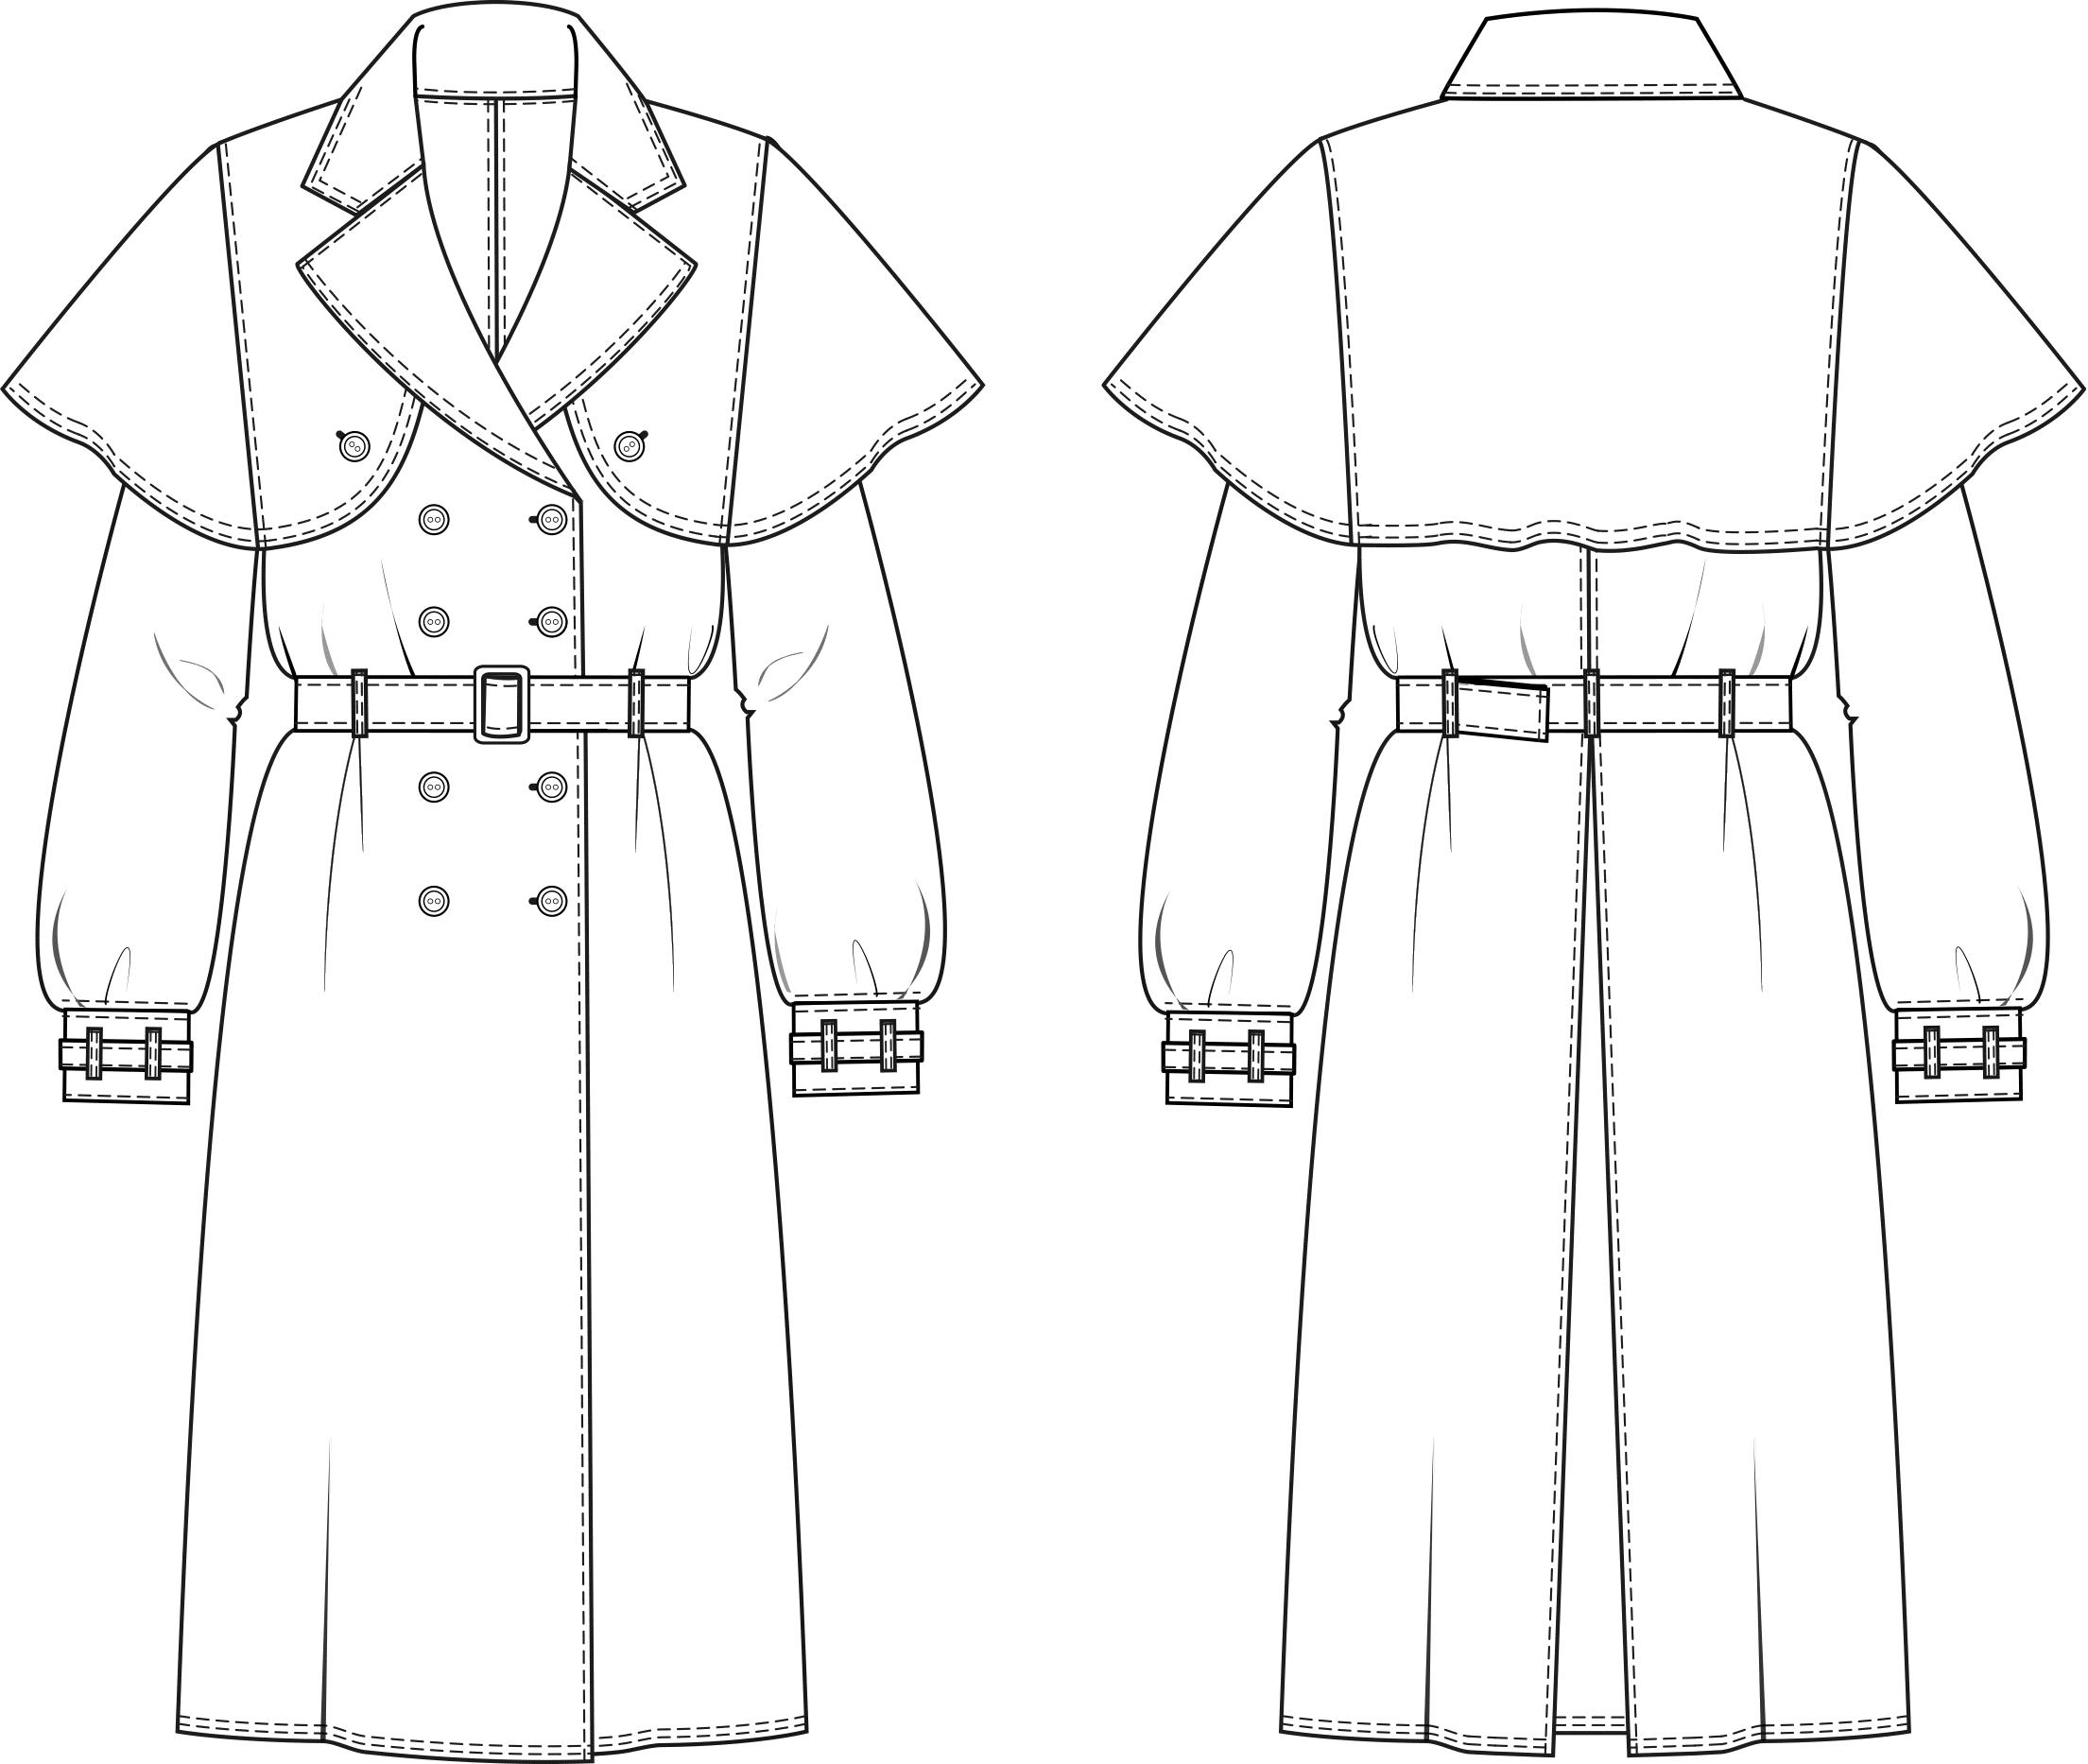 Das Foto zeigt die Vorder- und Rückansicht einer technischen Zeichnung von einem Trenchcoat. Sie dient als Vorlage für den Schnittmusterbogen.